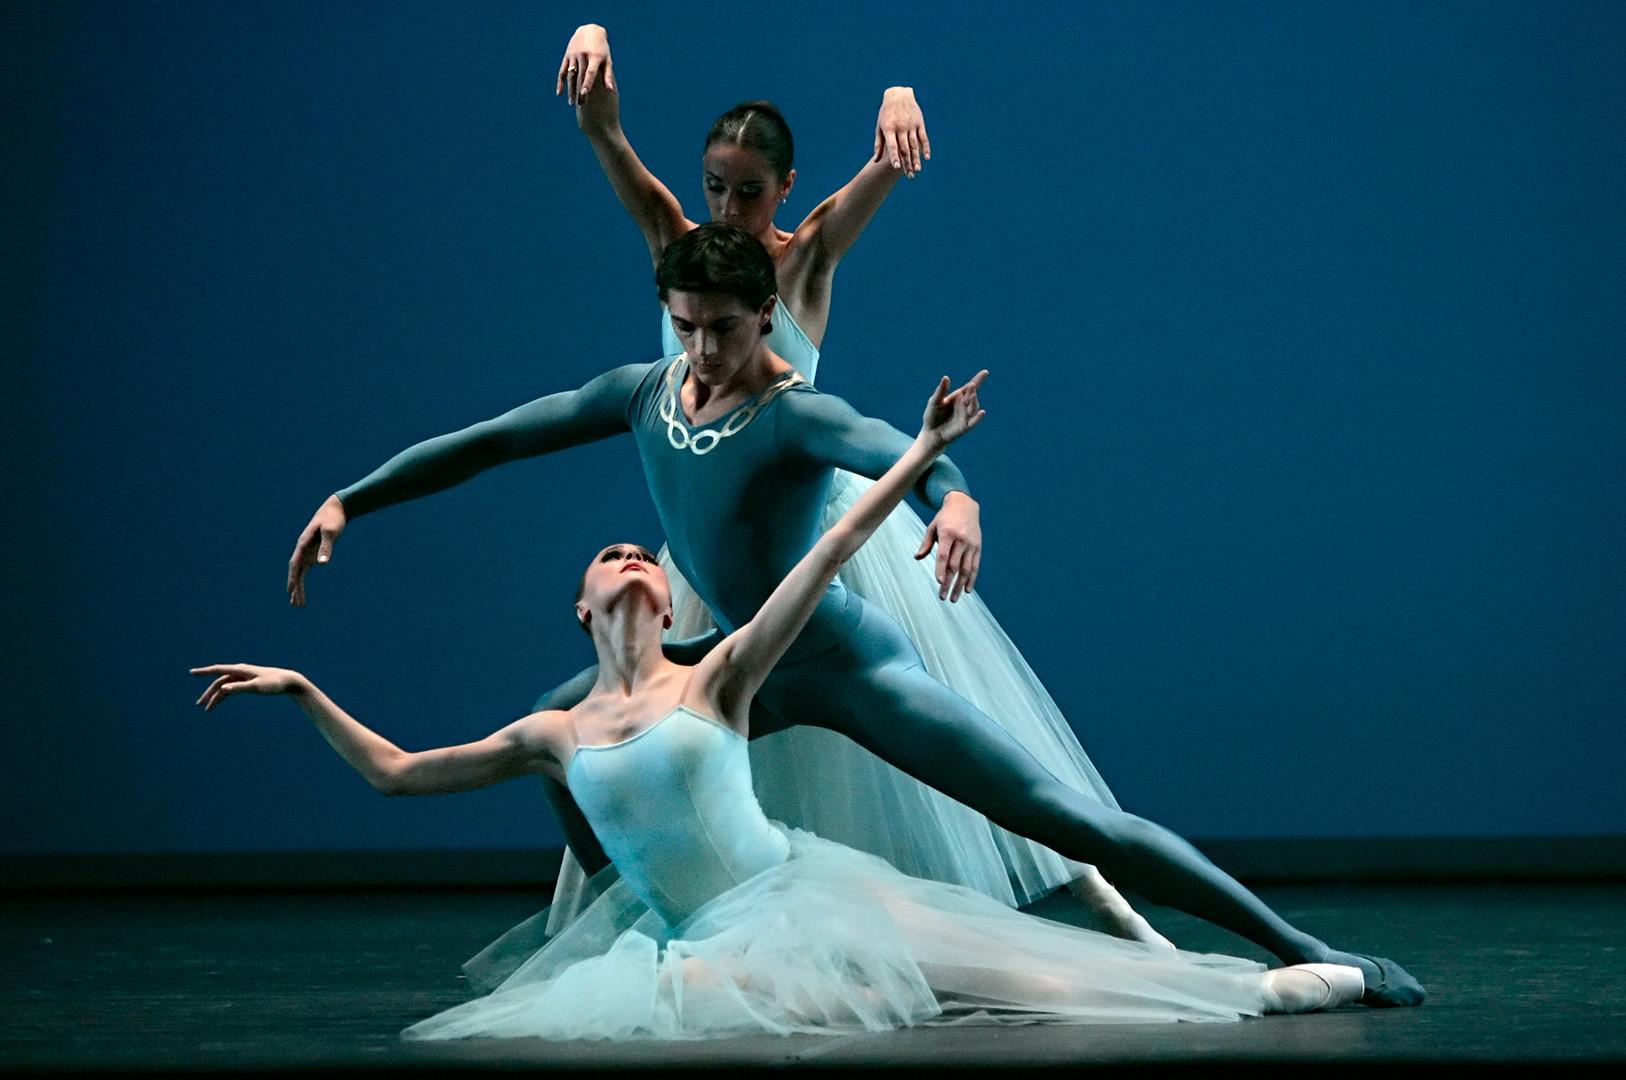 """Il balletto in un solo atto """"Serenade"""", coreografia di George Balanchine, al Teatro Bolshoj di Mosca, febbraio 2017"""